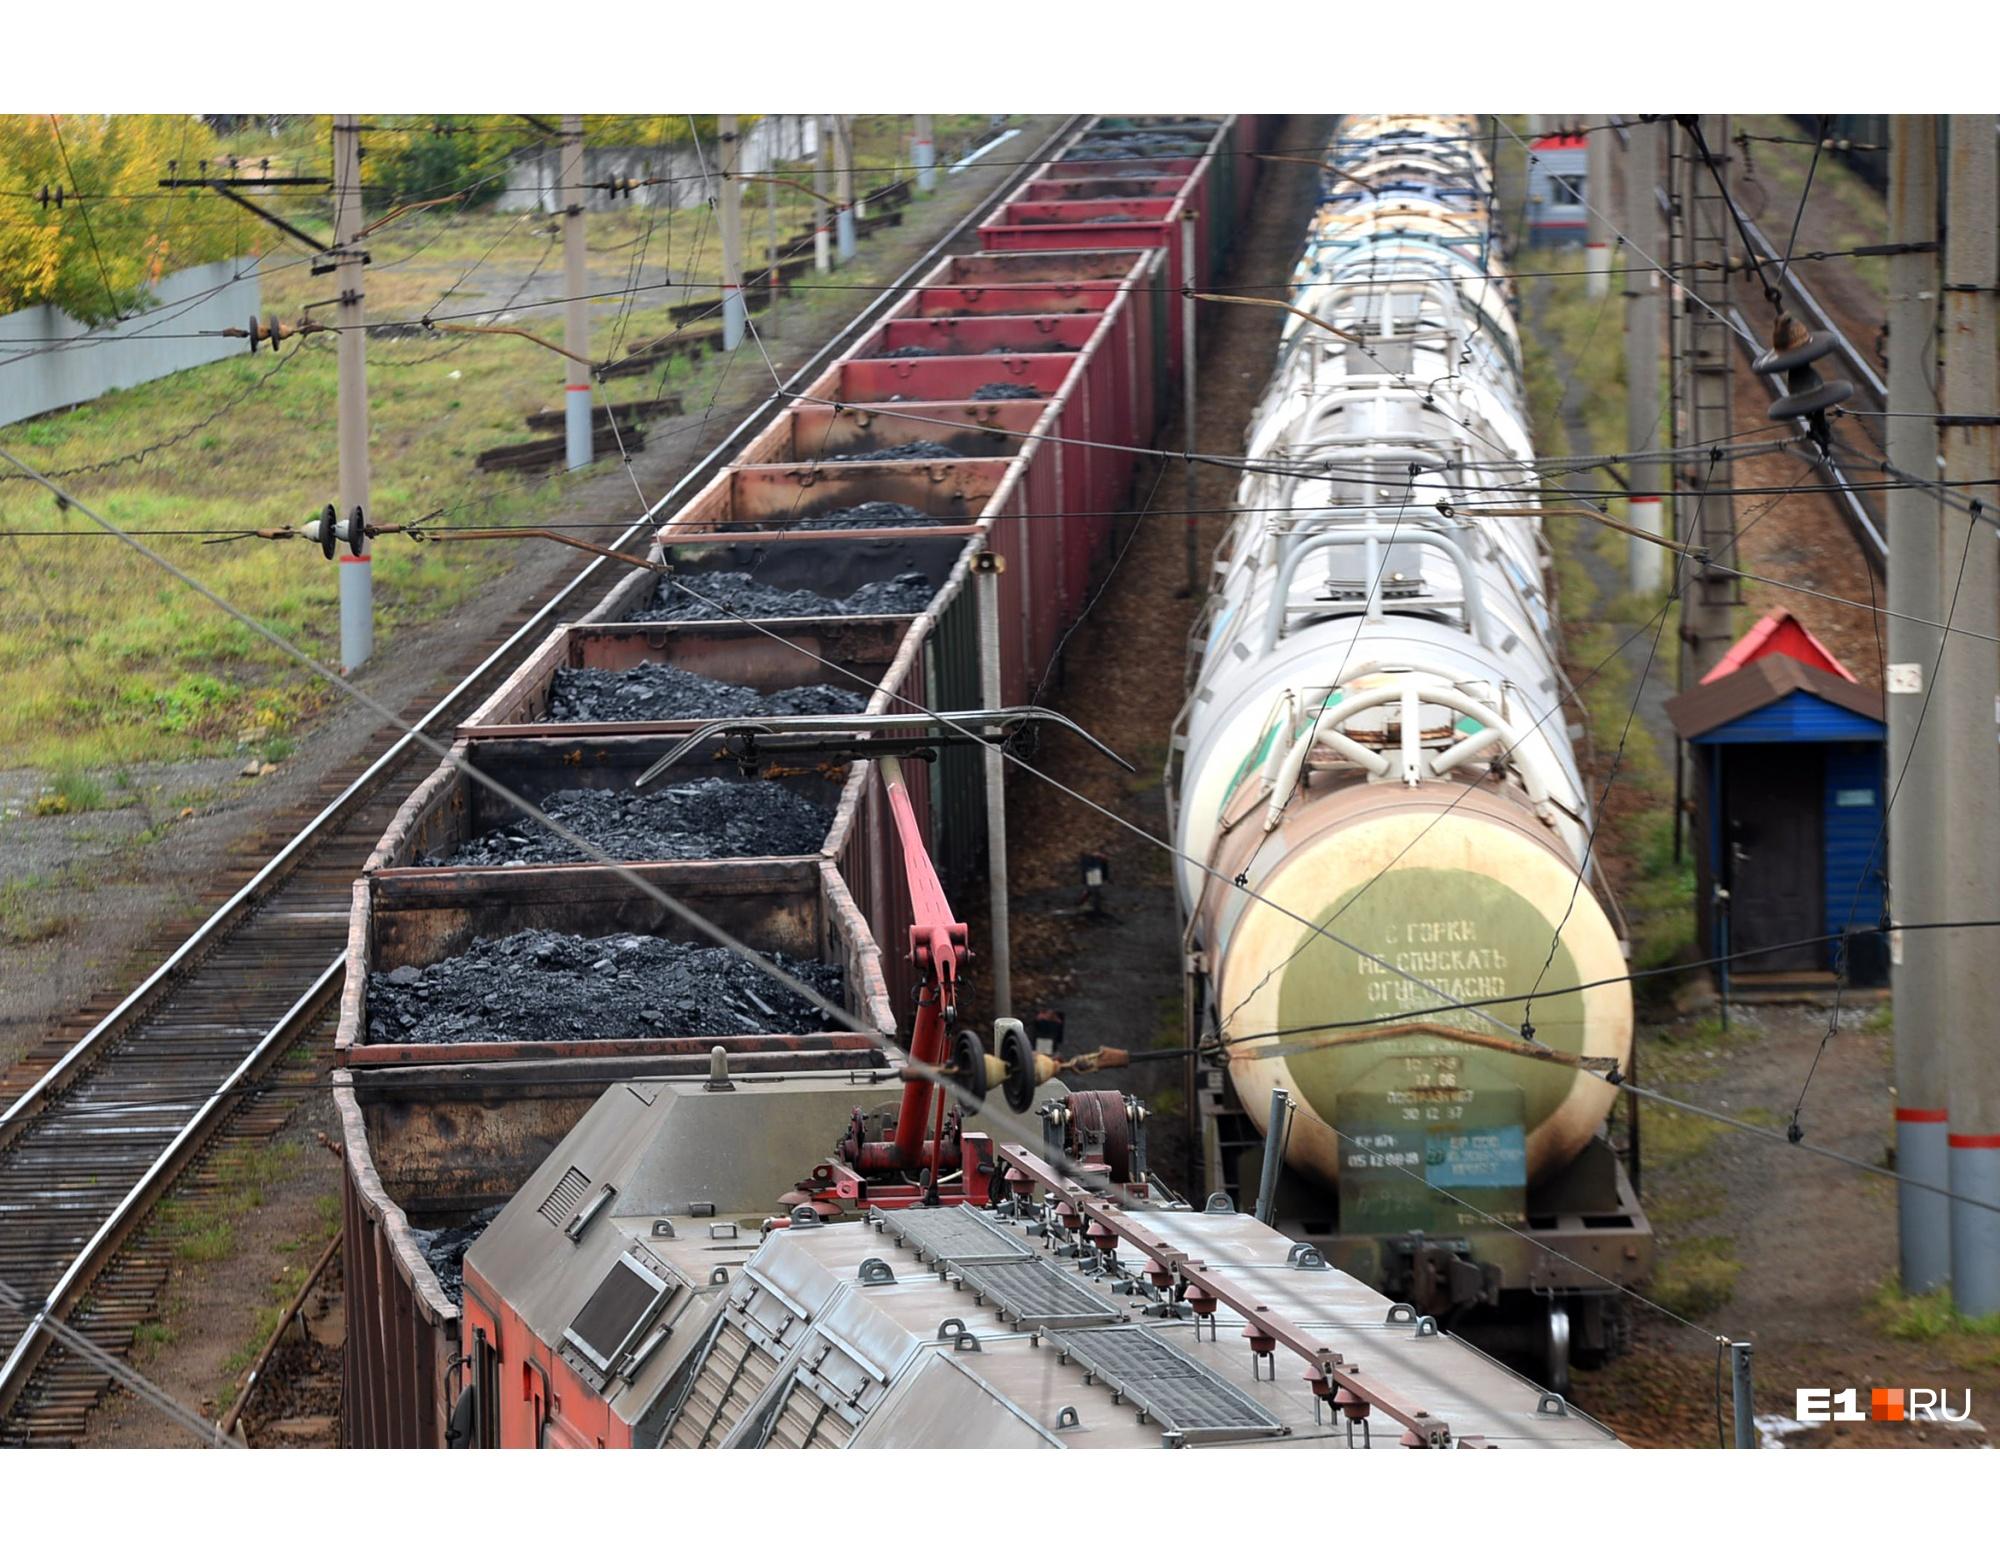 Подобные вагоны с углем столкнулись с вагонами, которые перевозили взрывчатку, в 1988 году